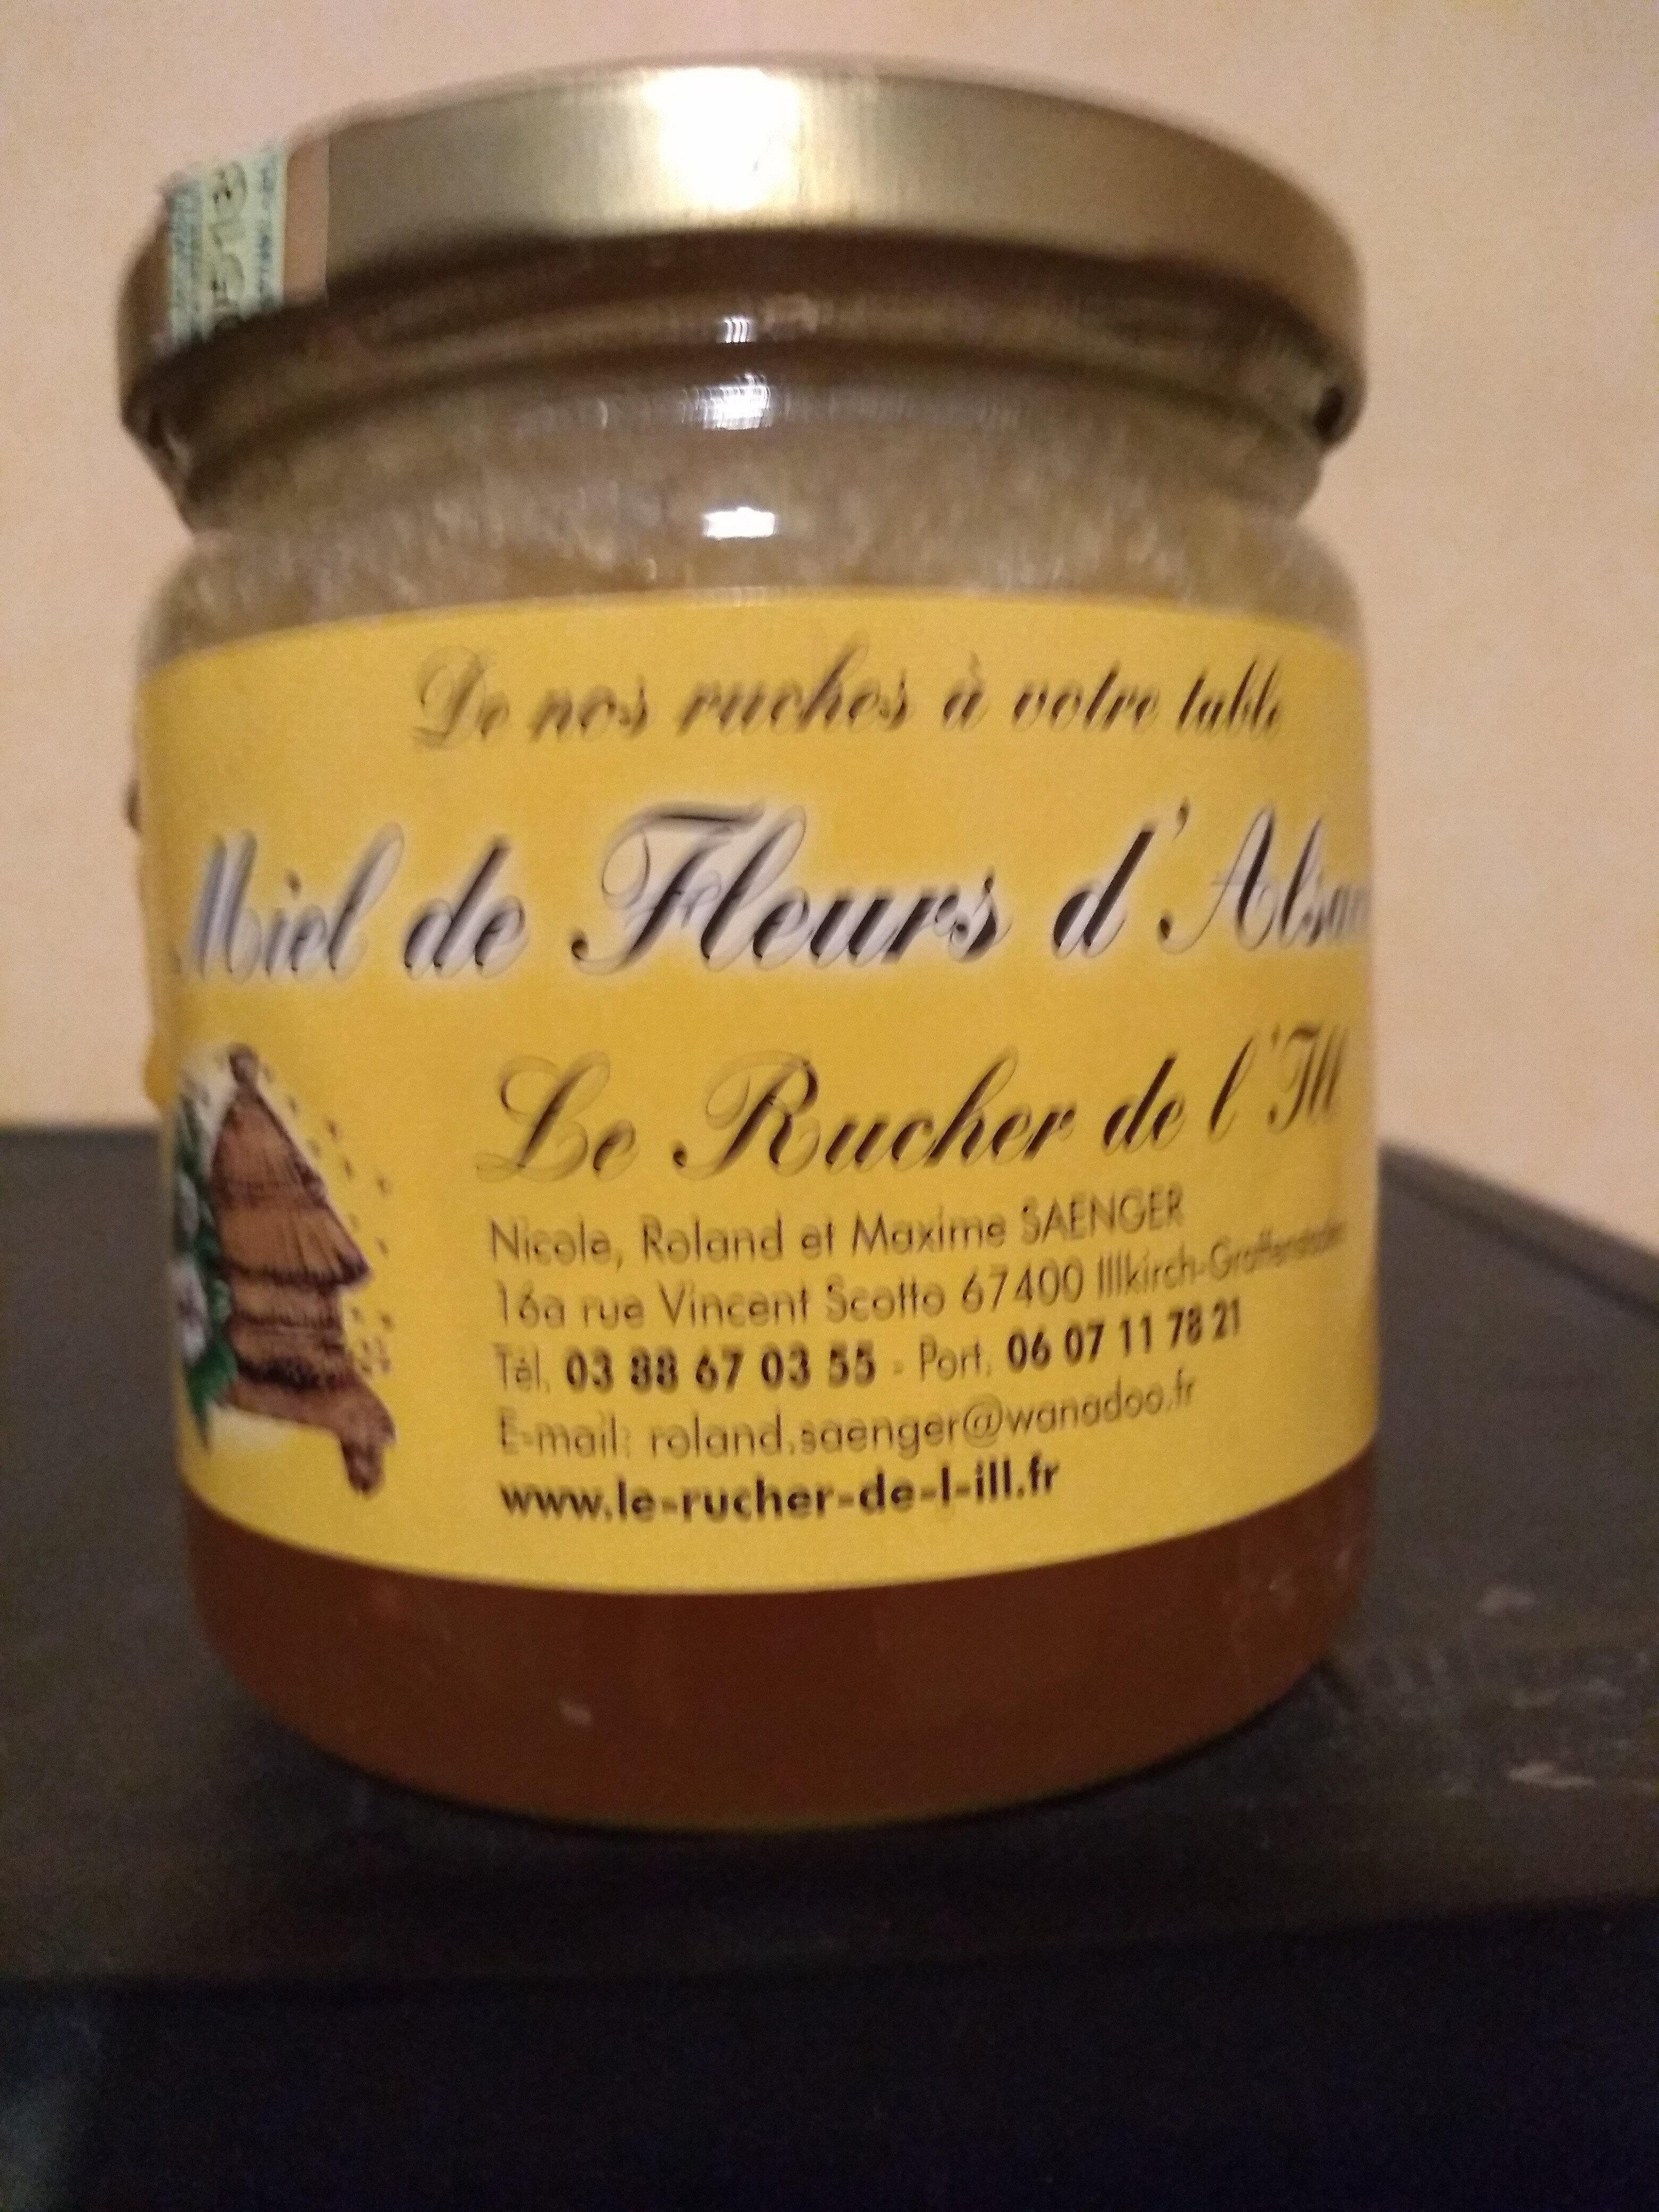 Miel de Fleurs d'Alsace - Produit - fr